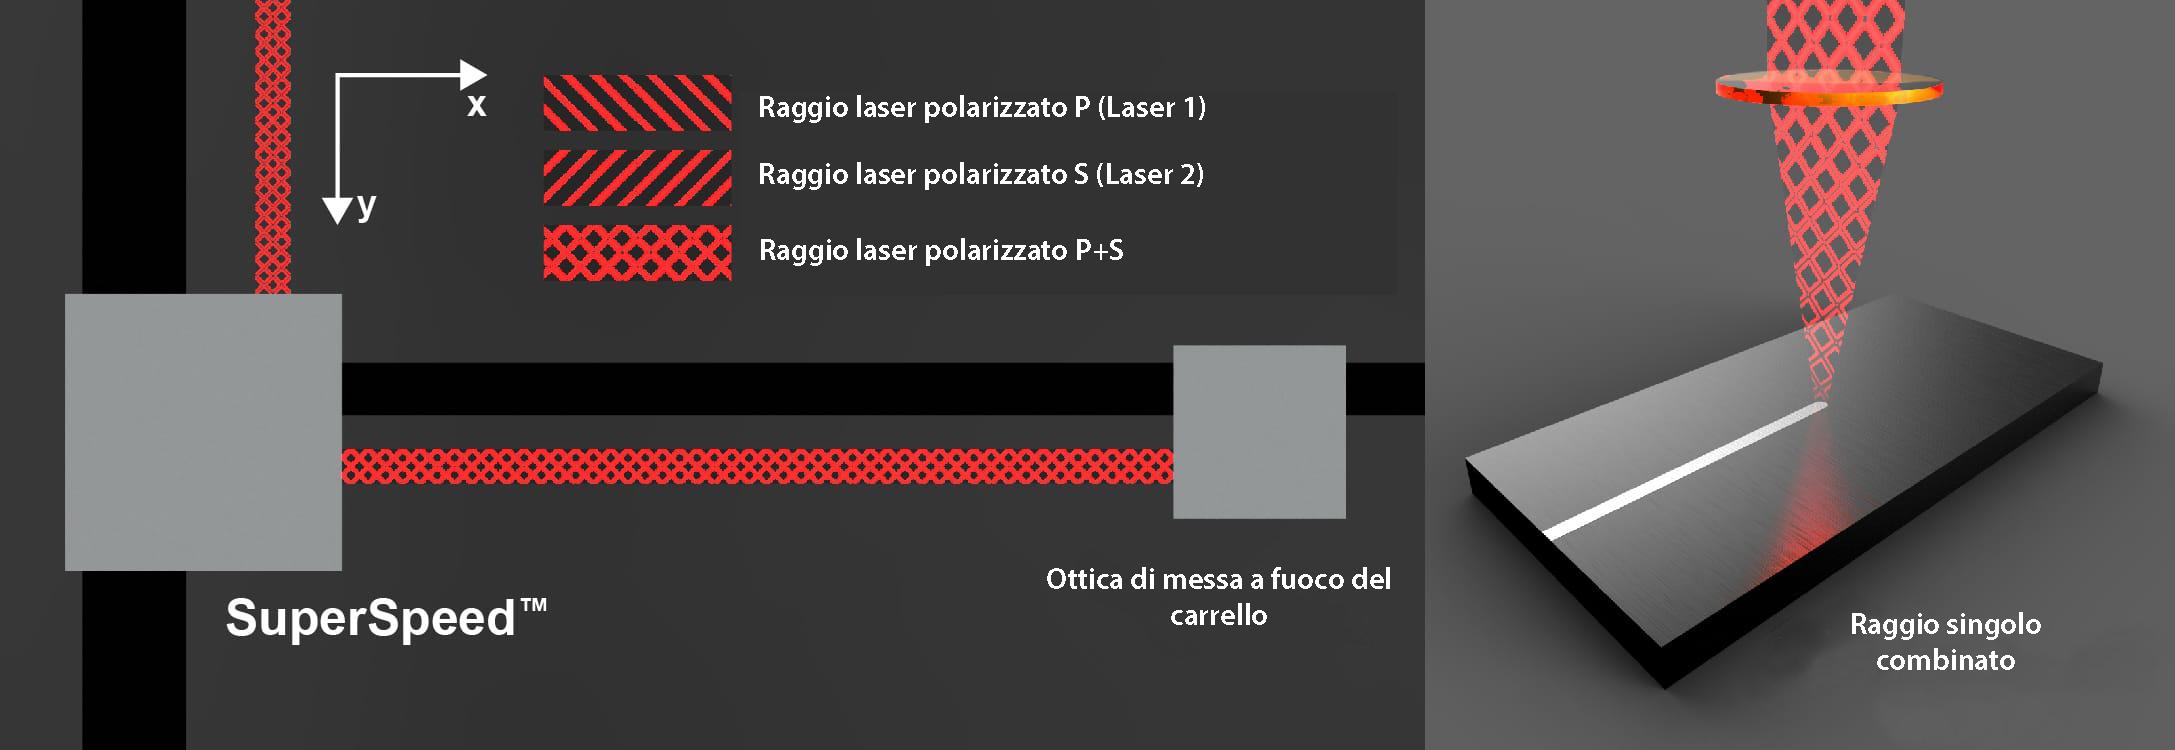 SuperSpeed Laser a raggio singolo combinato